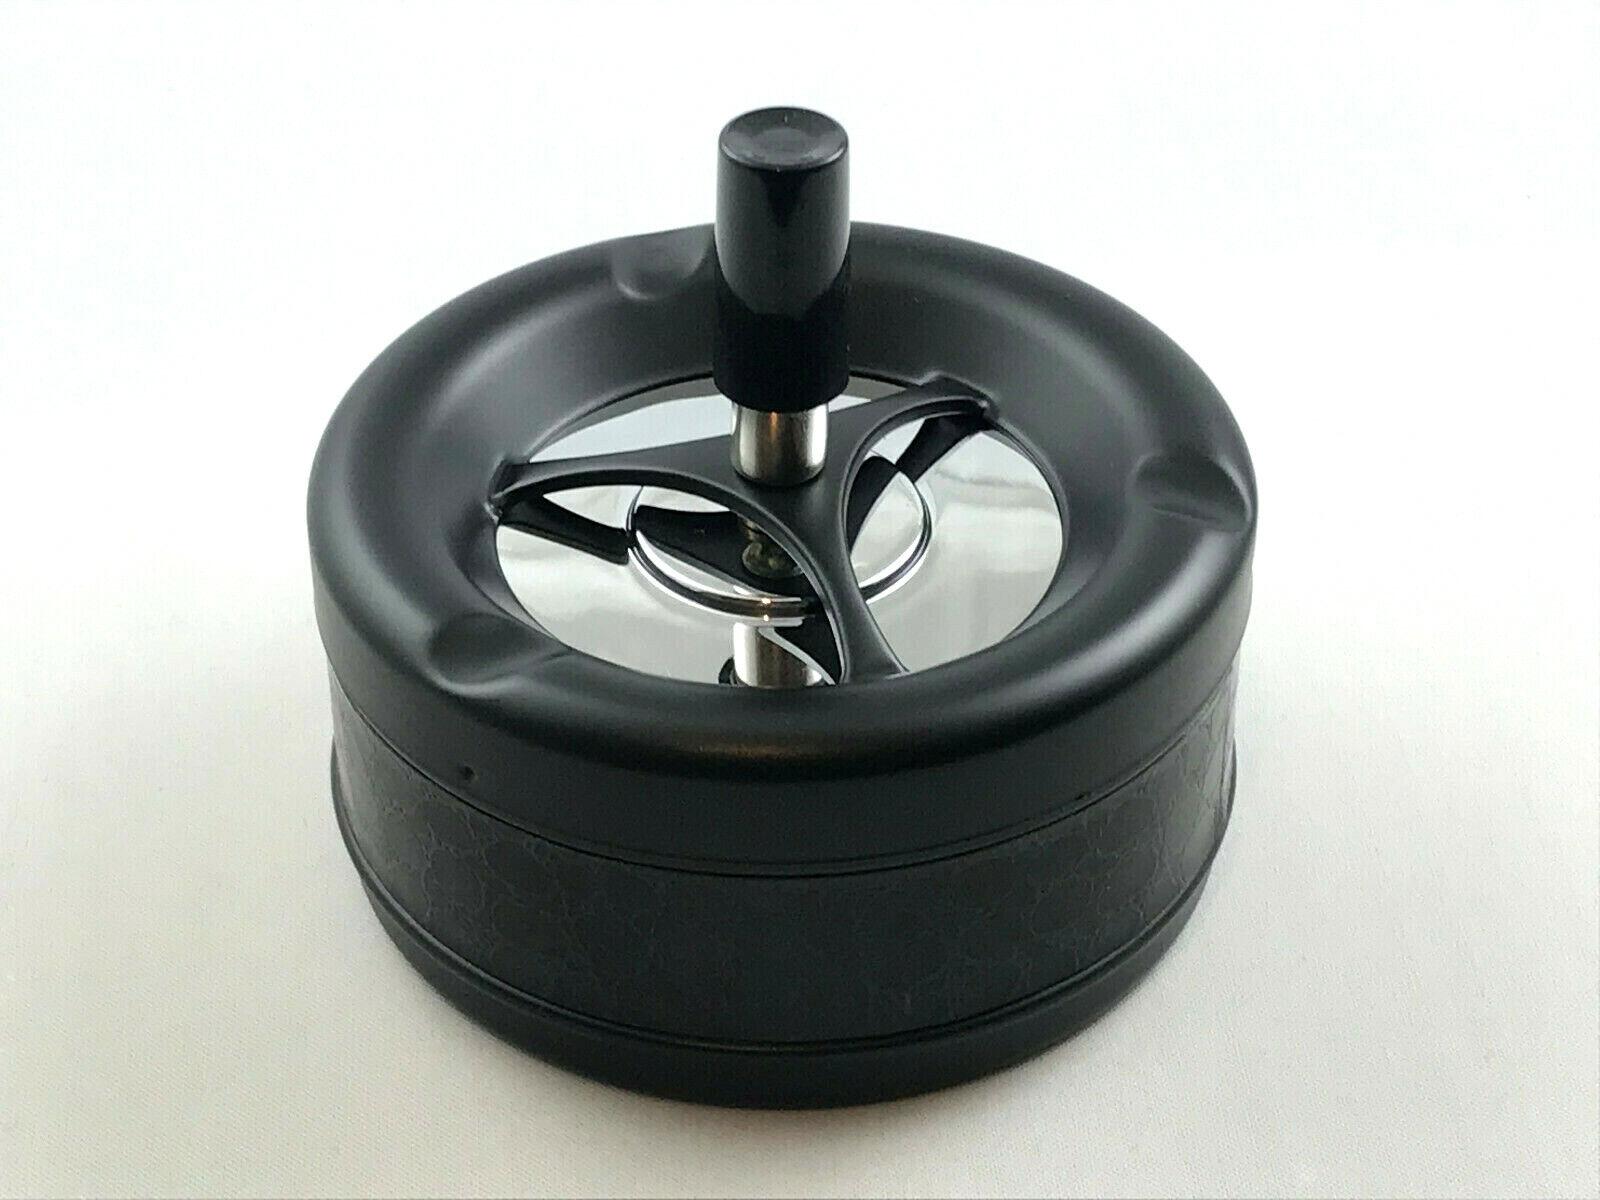 Aschenbecher 'Black Kroko' Drehascher schwarz 11cm Durchmesser